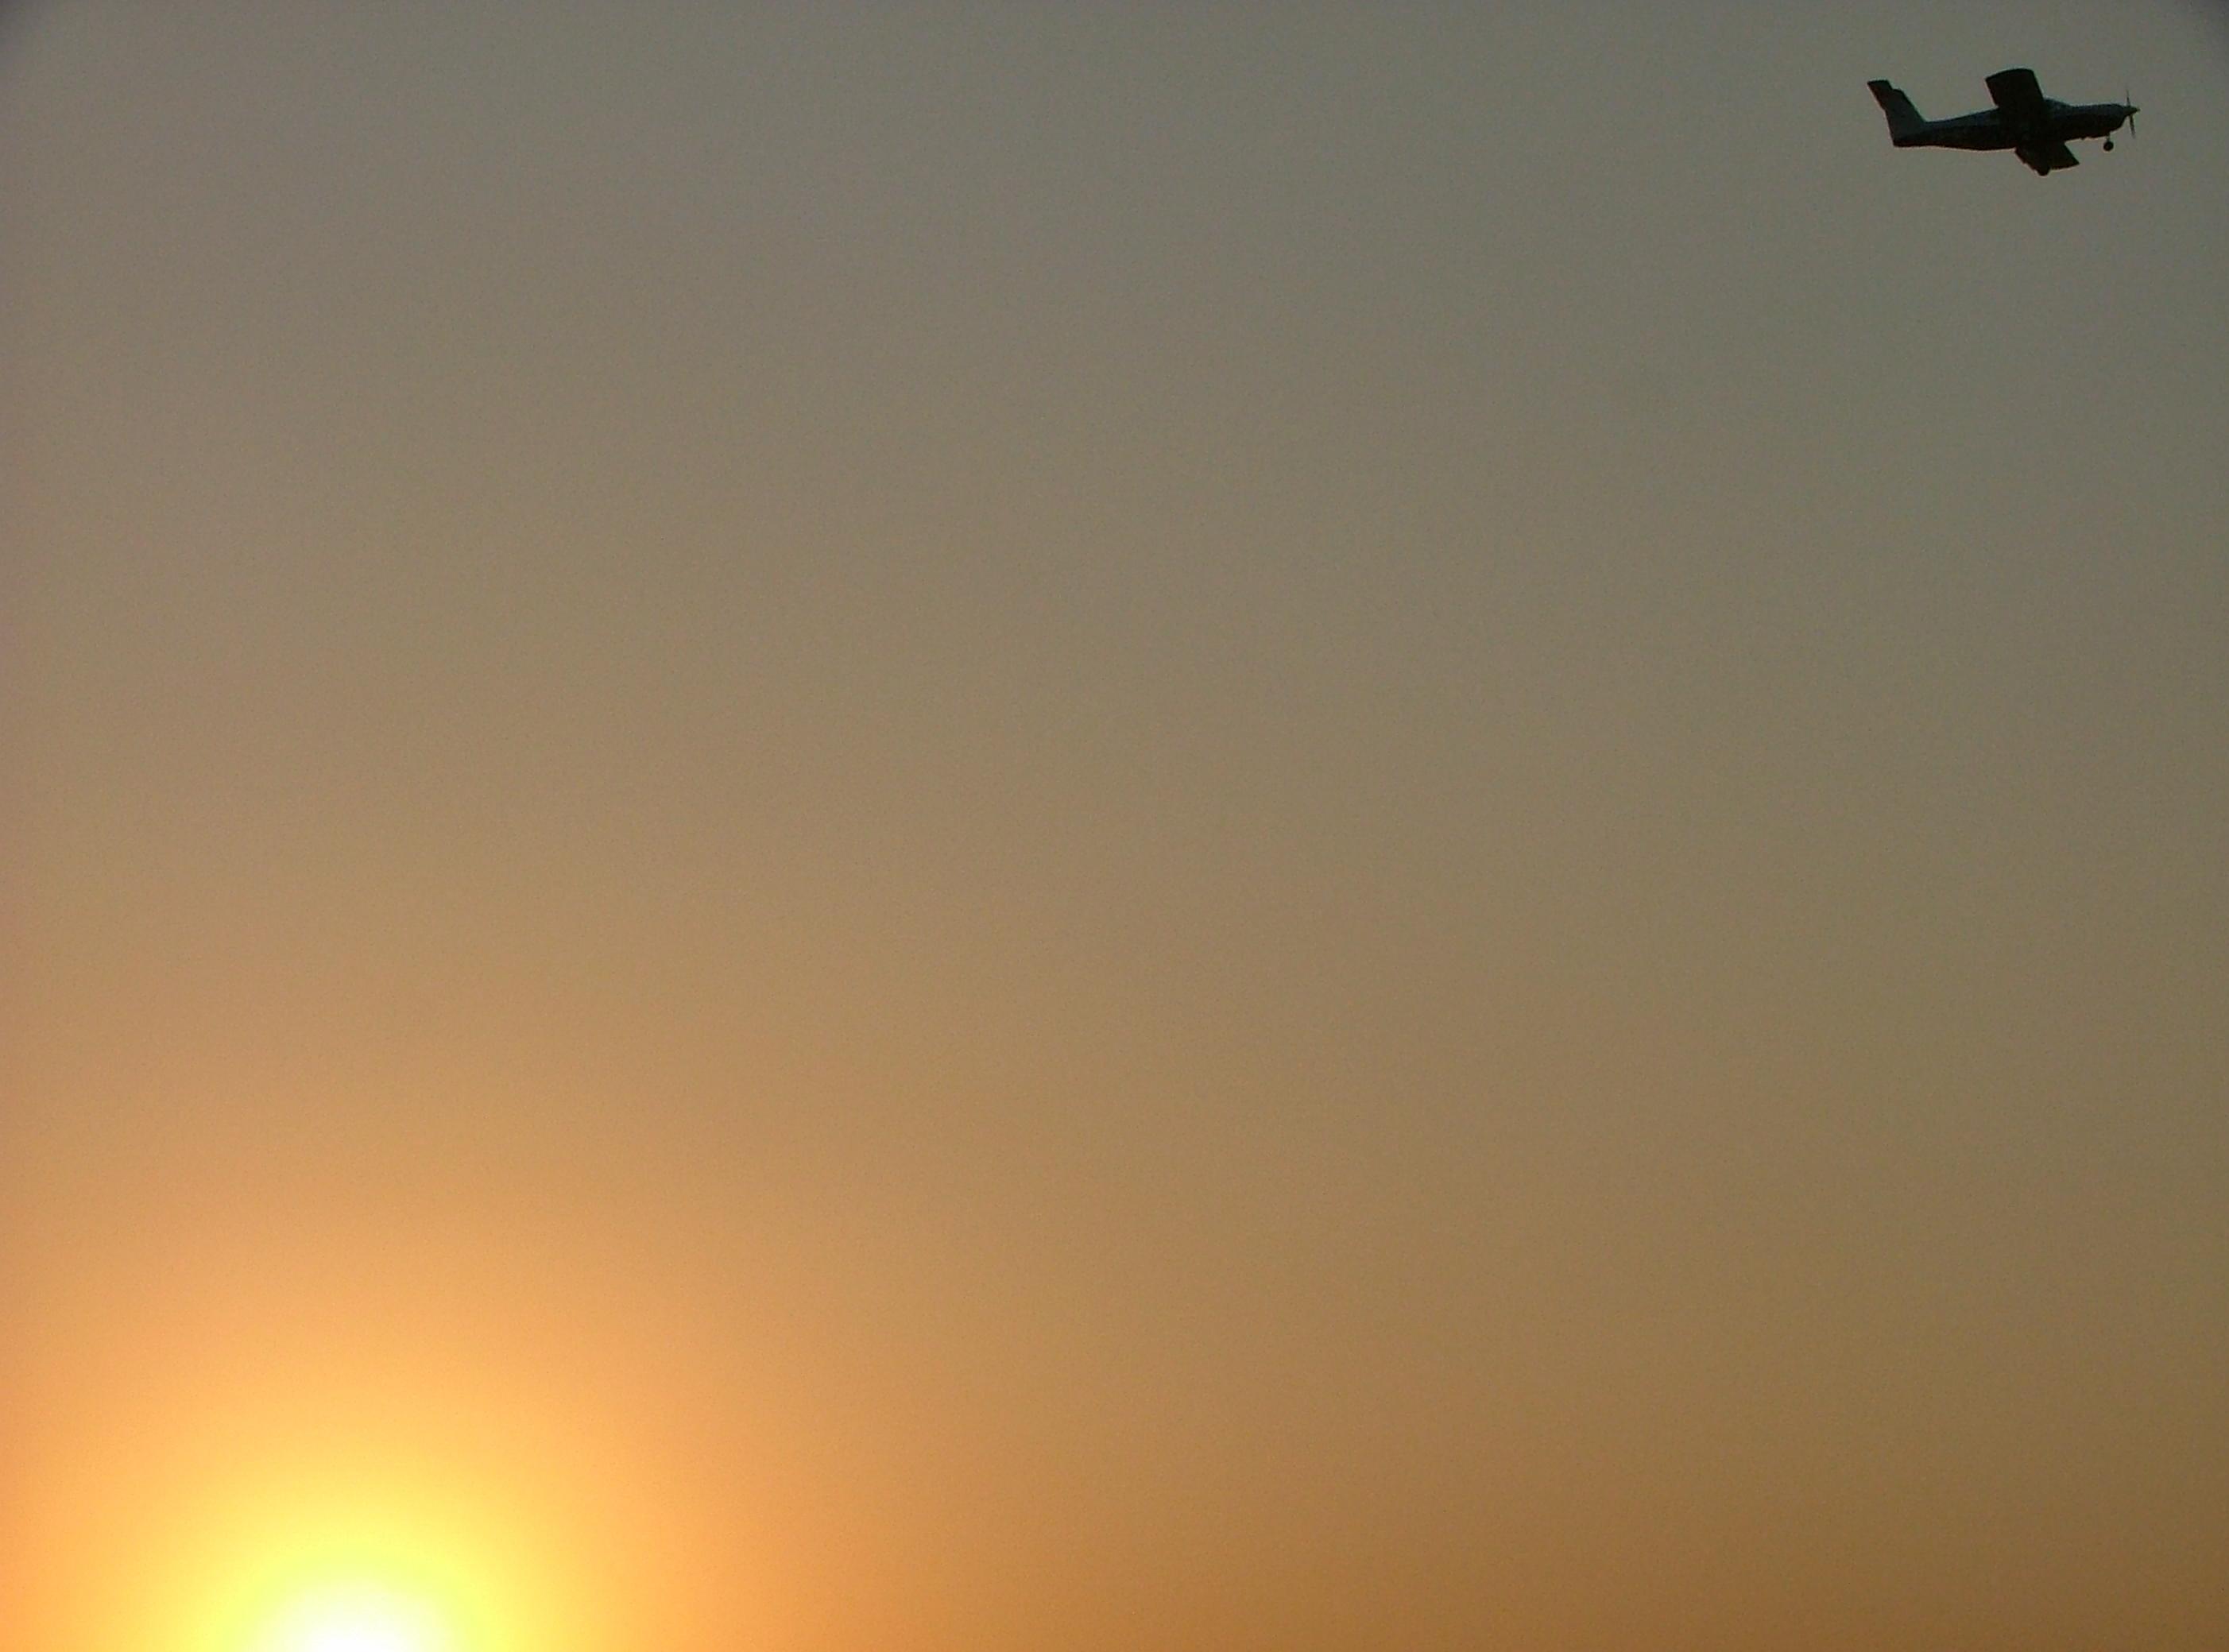 La agencia de aviación de la ONU analizará los días 14 y 15 los vuelos en zonas de conflicto